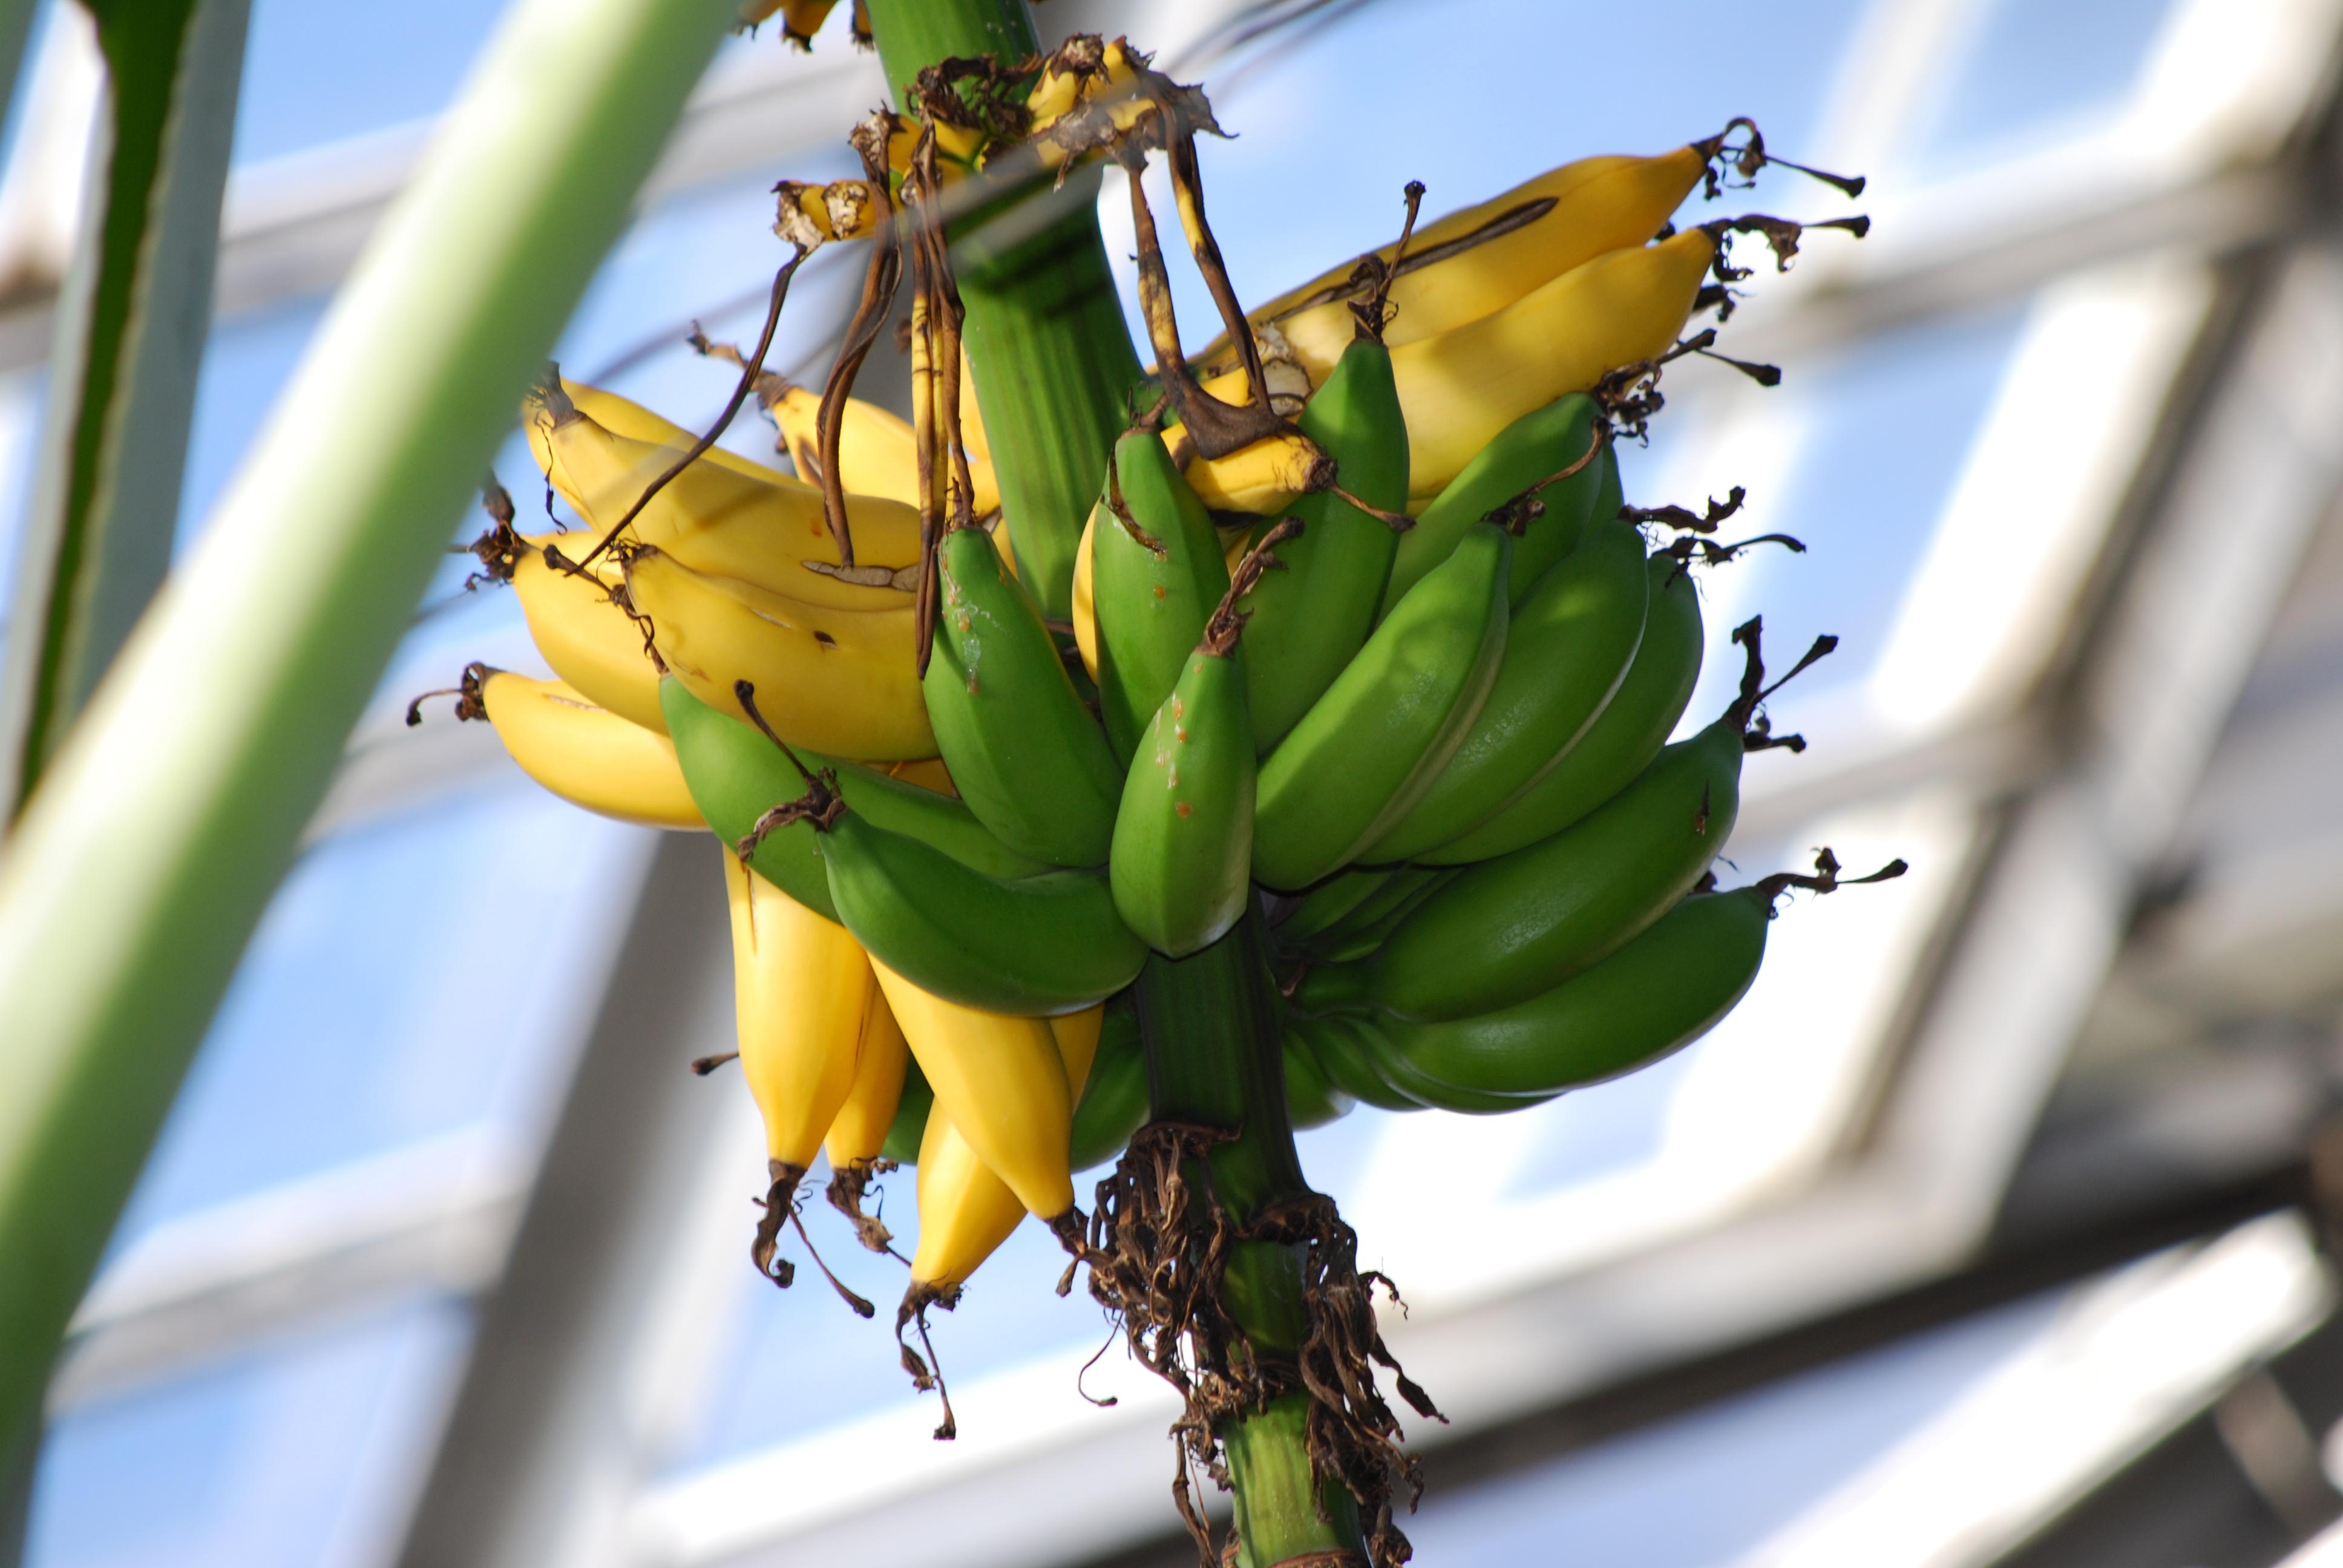 Bananas Up Close